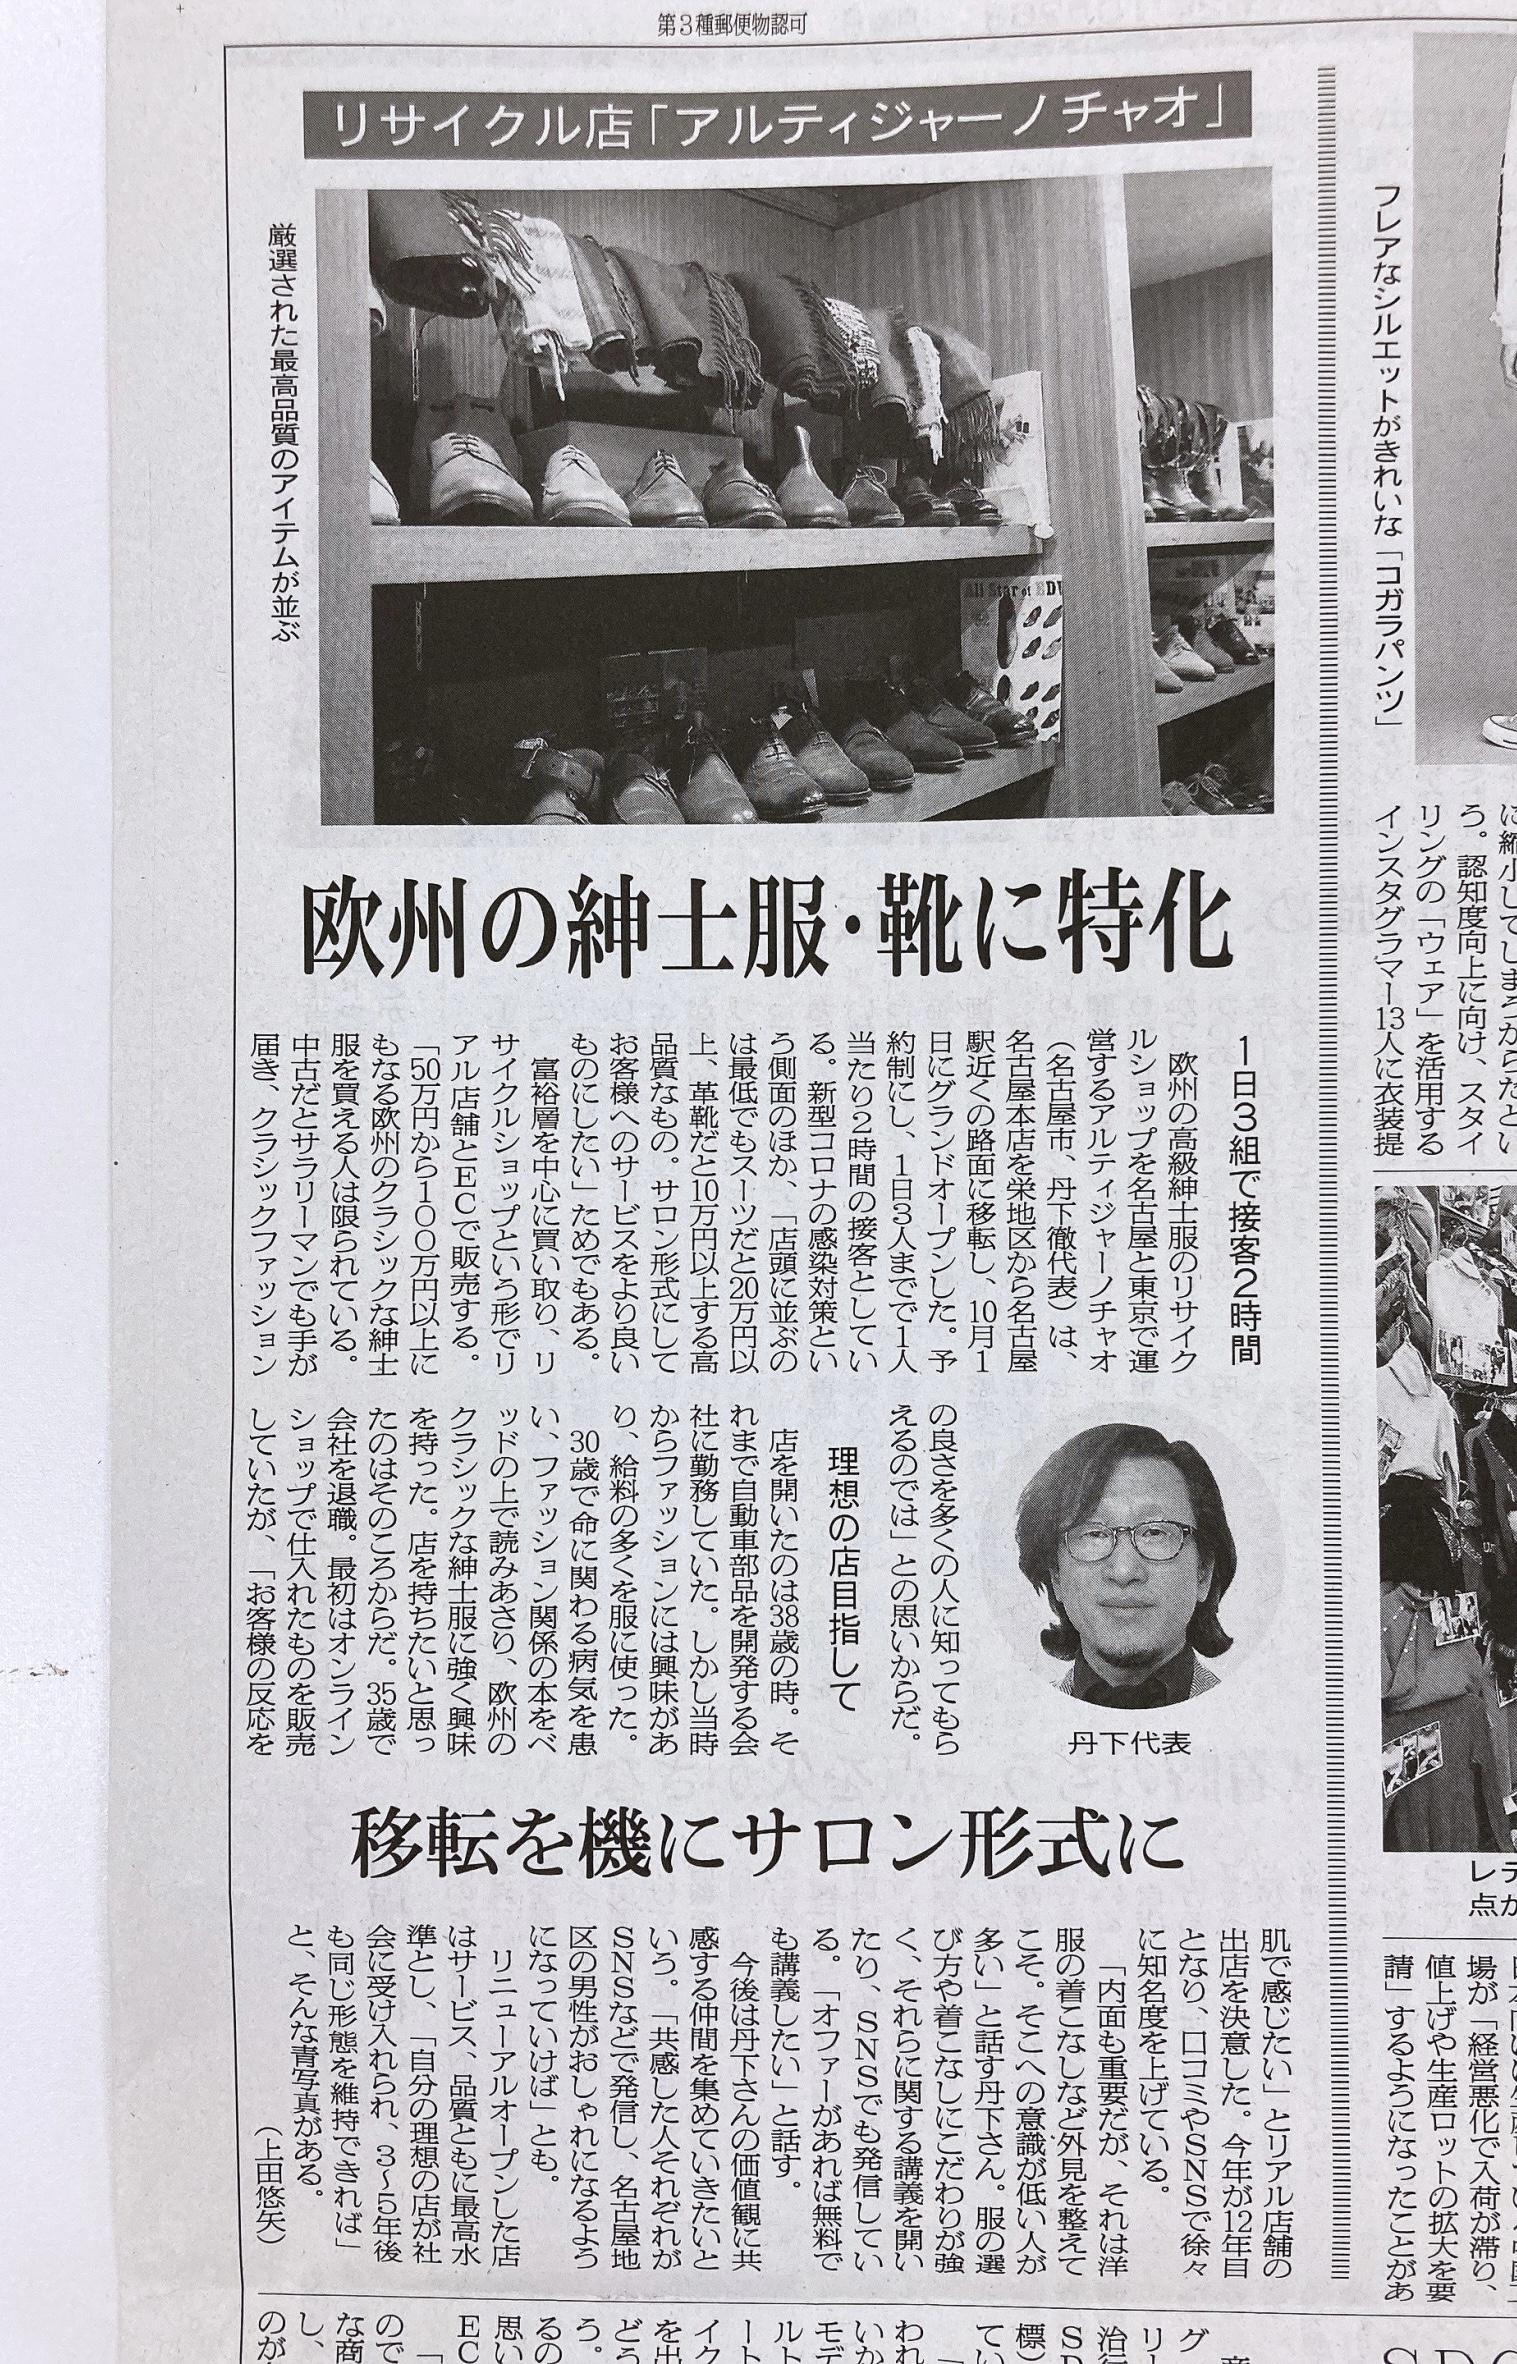 繊研新聞にアルティジャーノチャオが掲載されました